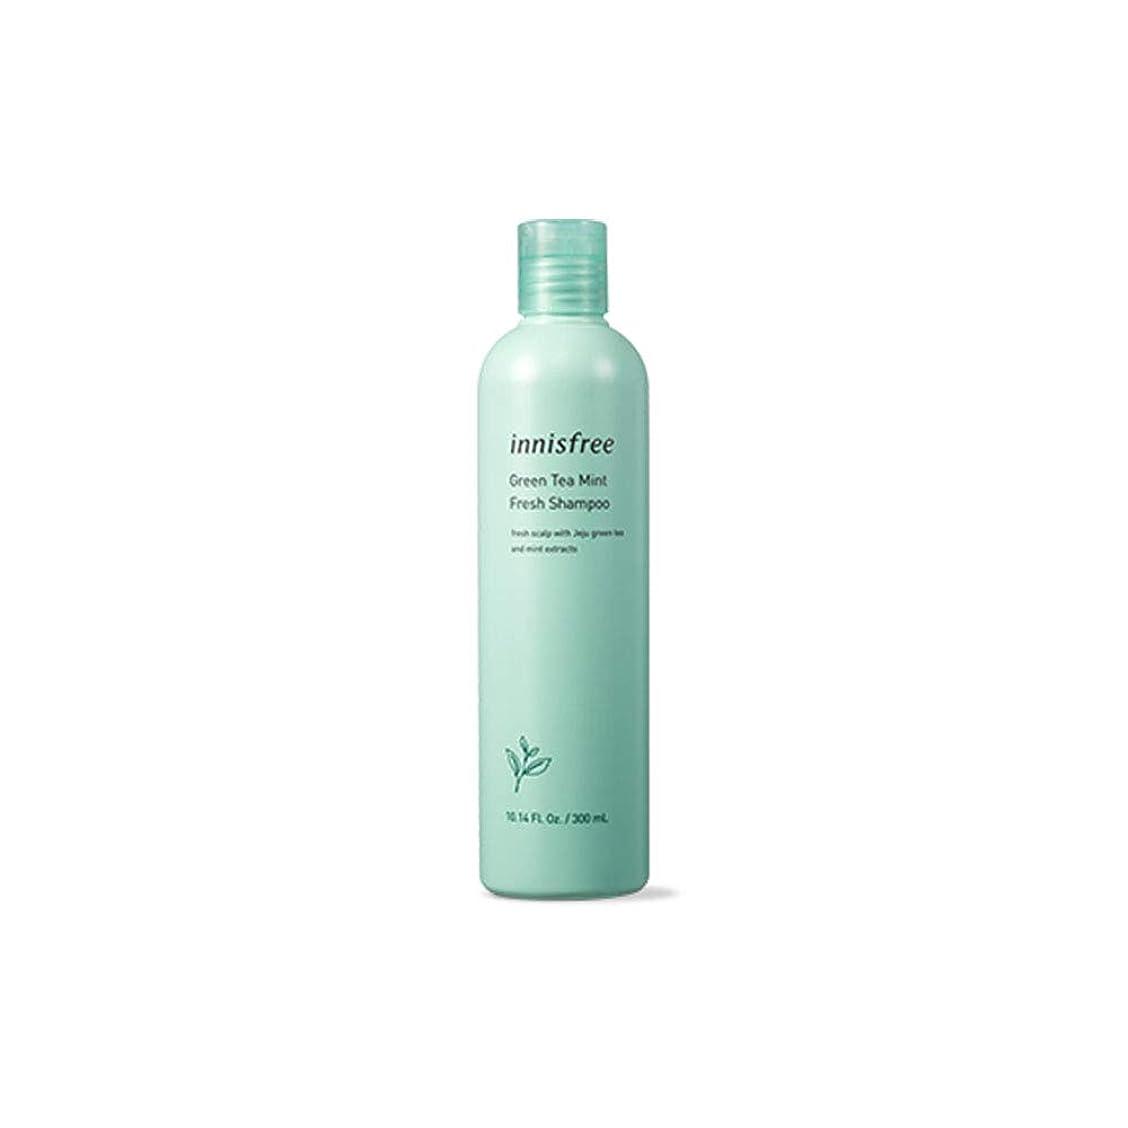 アジア人不快な管理者イニスフリー Innisfree 緑茶ミントフレッシュシャンプー(300ml) Innisfree Green Tea Mint Fresh Shampoo (300ml) [海外直送品]